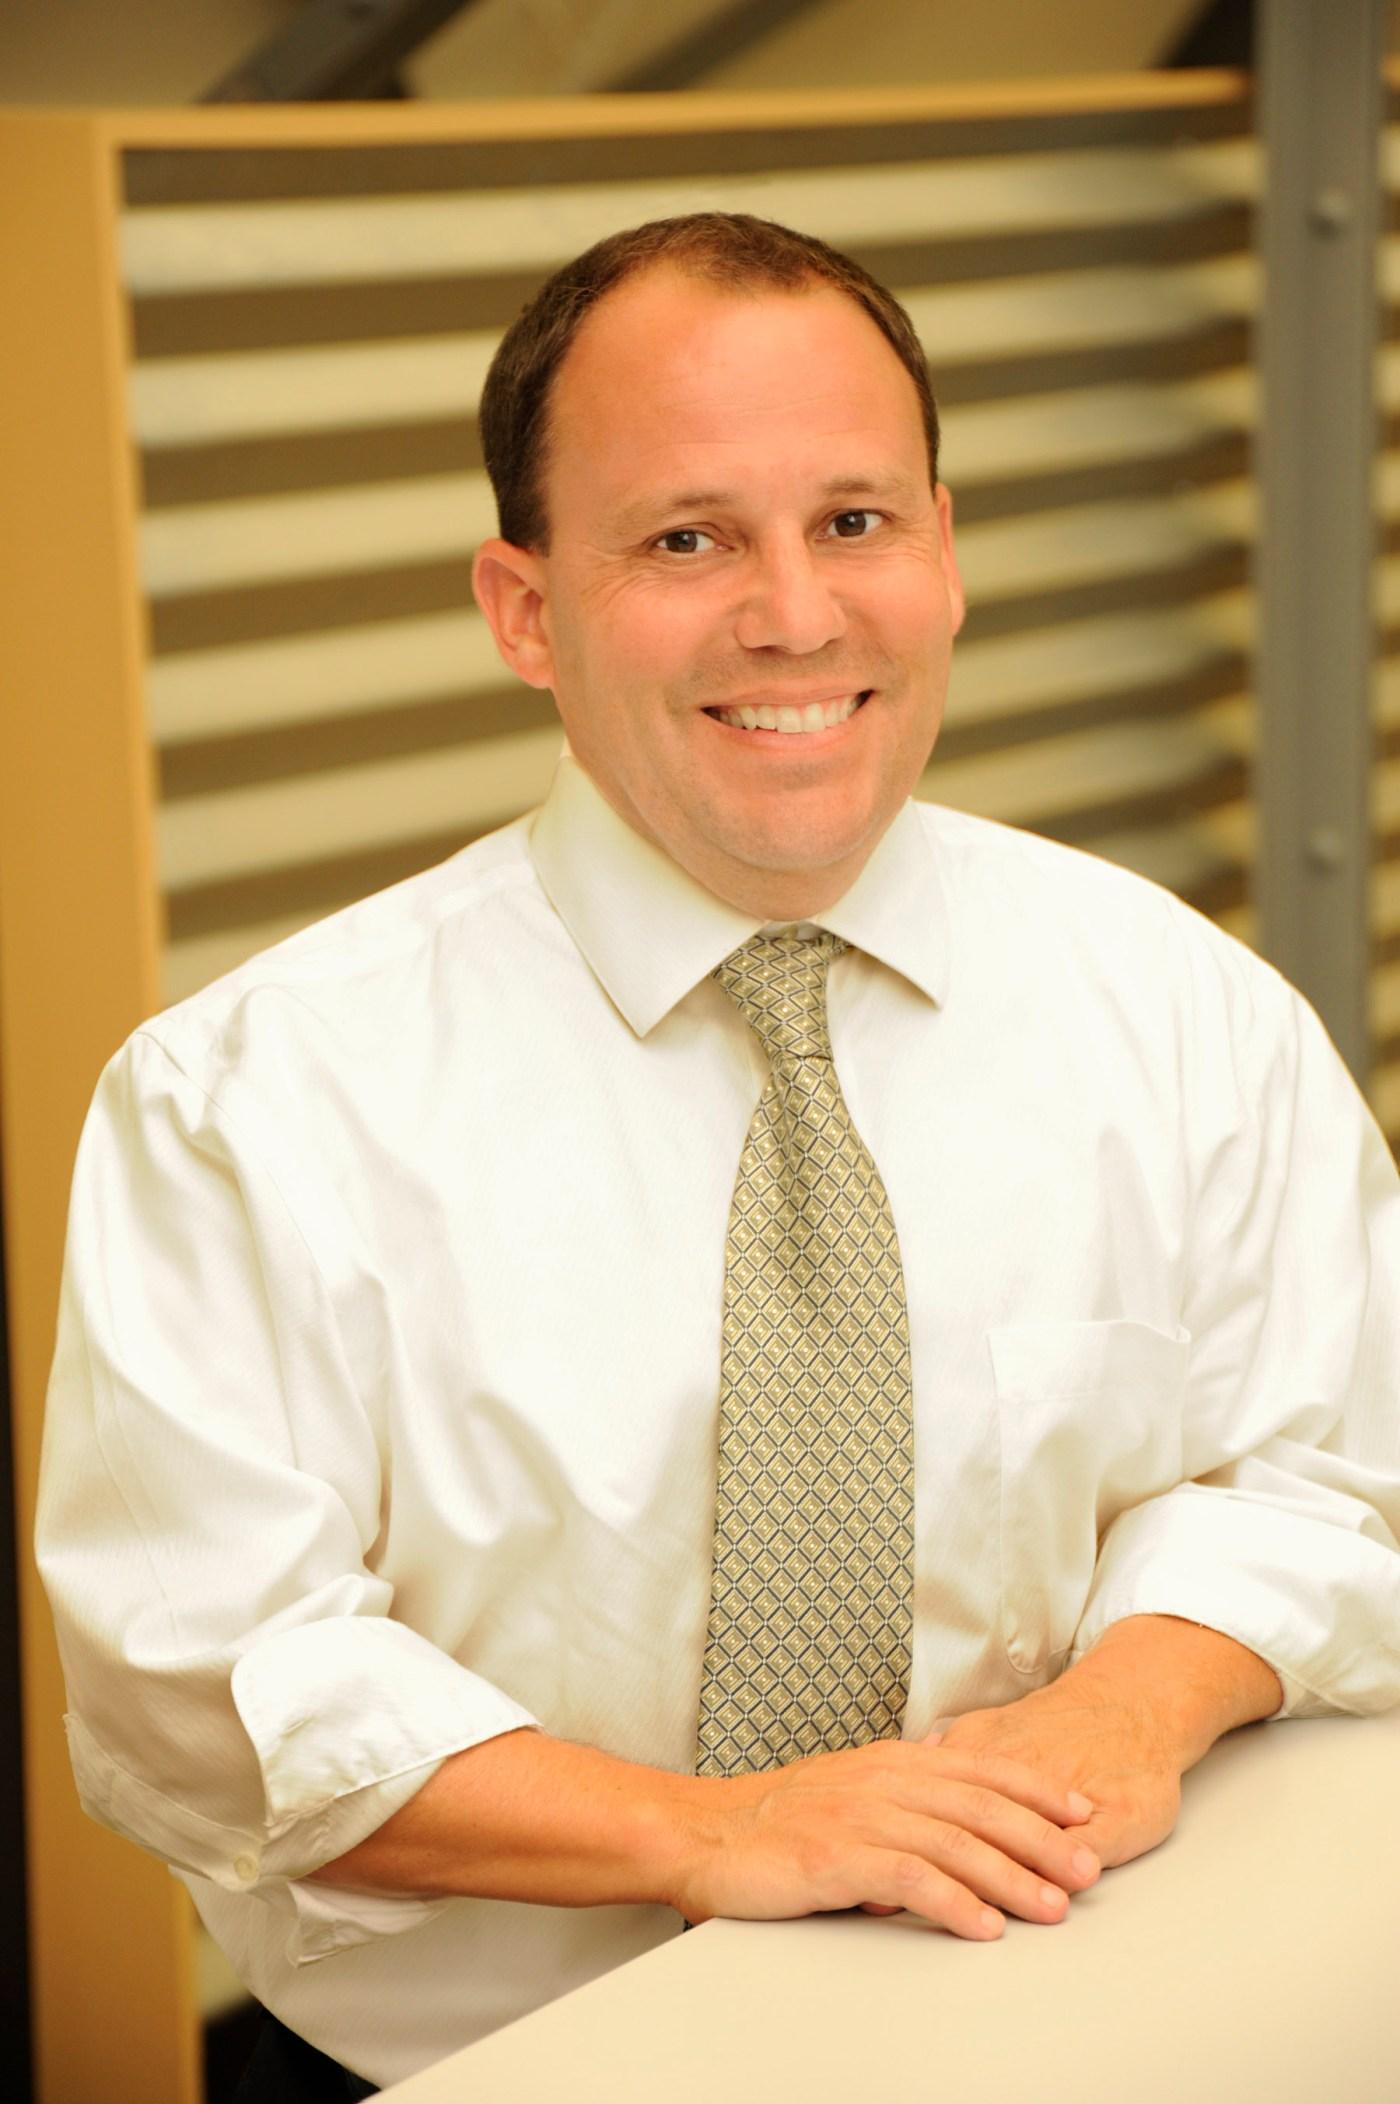 Dave Goslin, AIA Principal